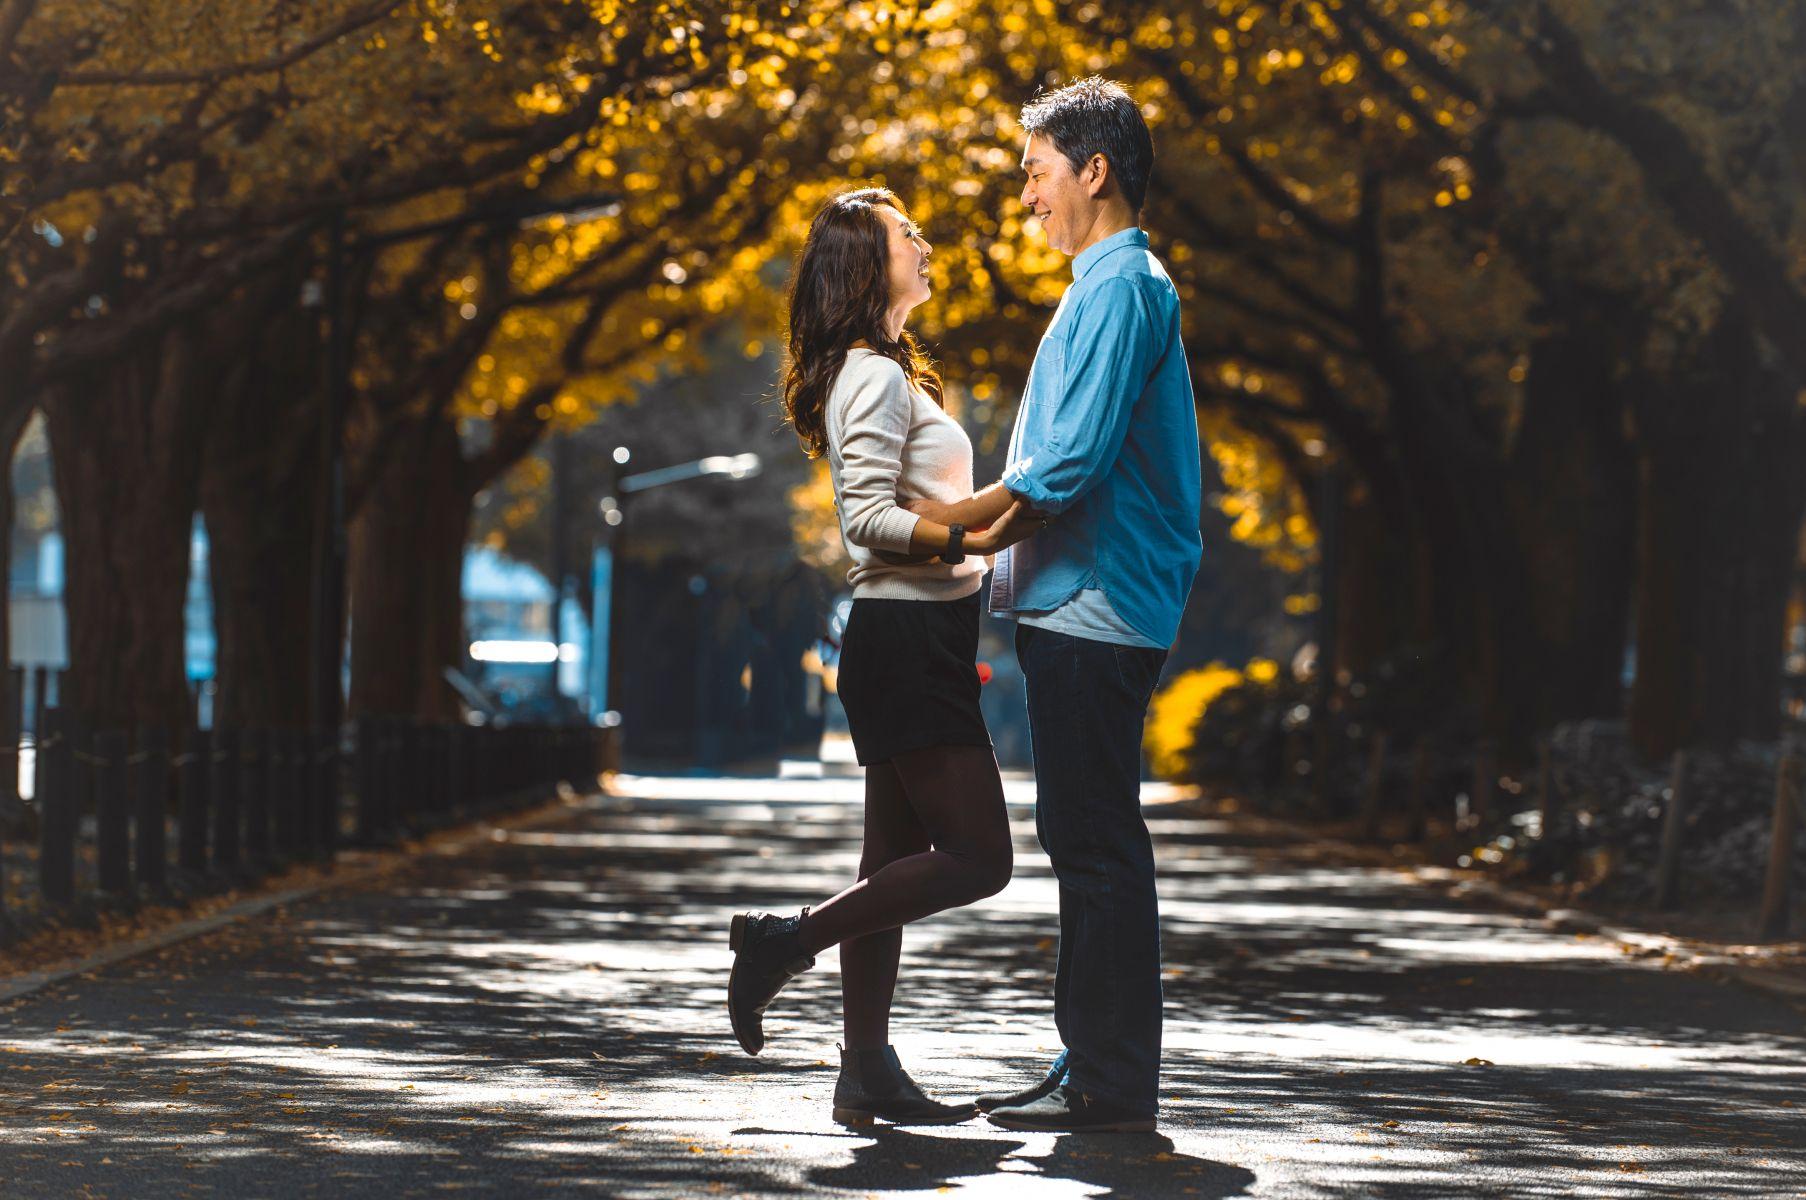 婚姻關係/丈夫應該知道你的心事嗎?婚姻想過得長久美滿...精神科醫師5句話一定要牢記